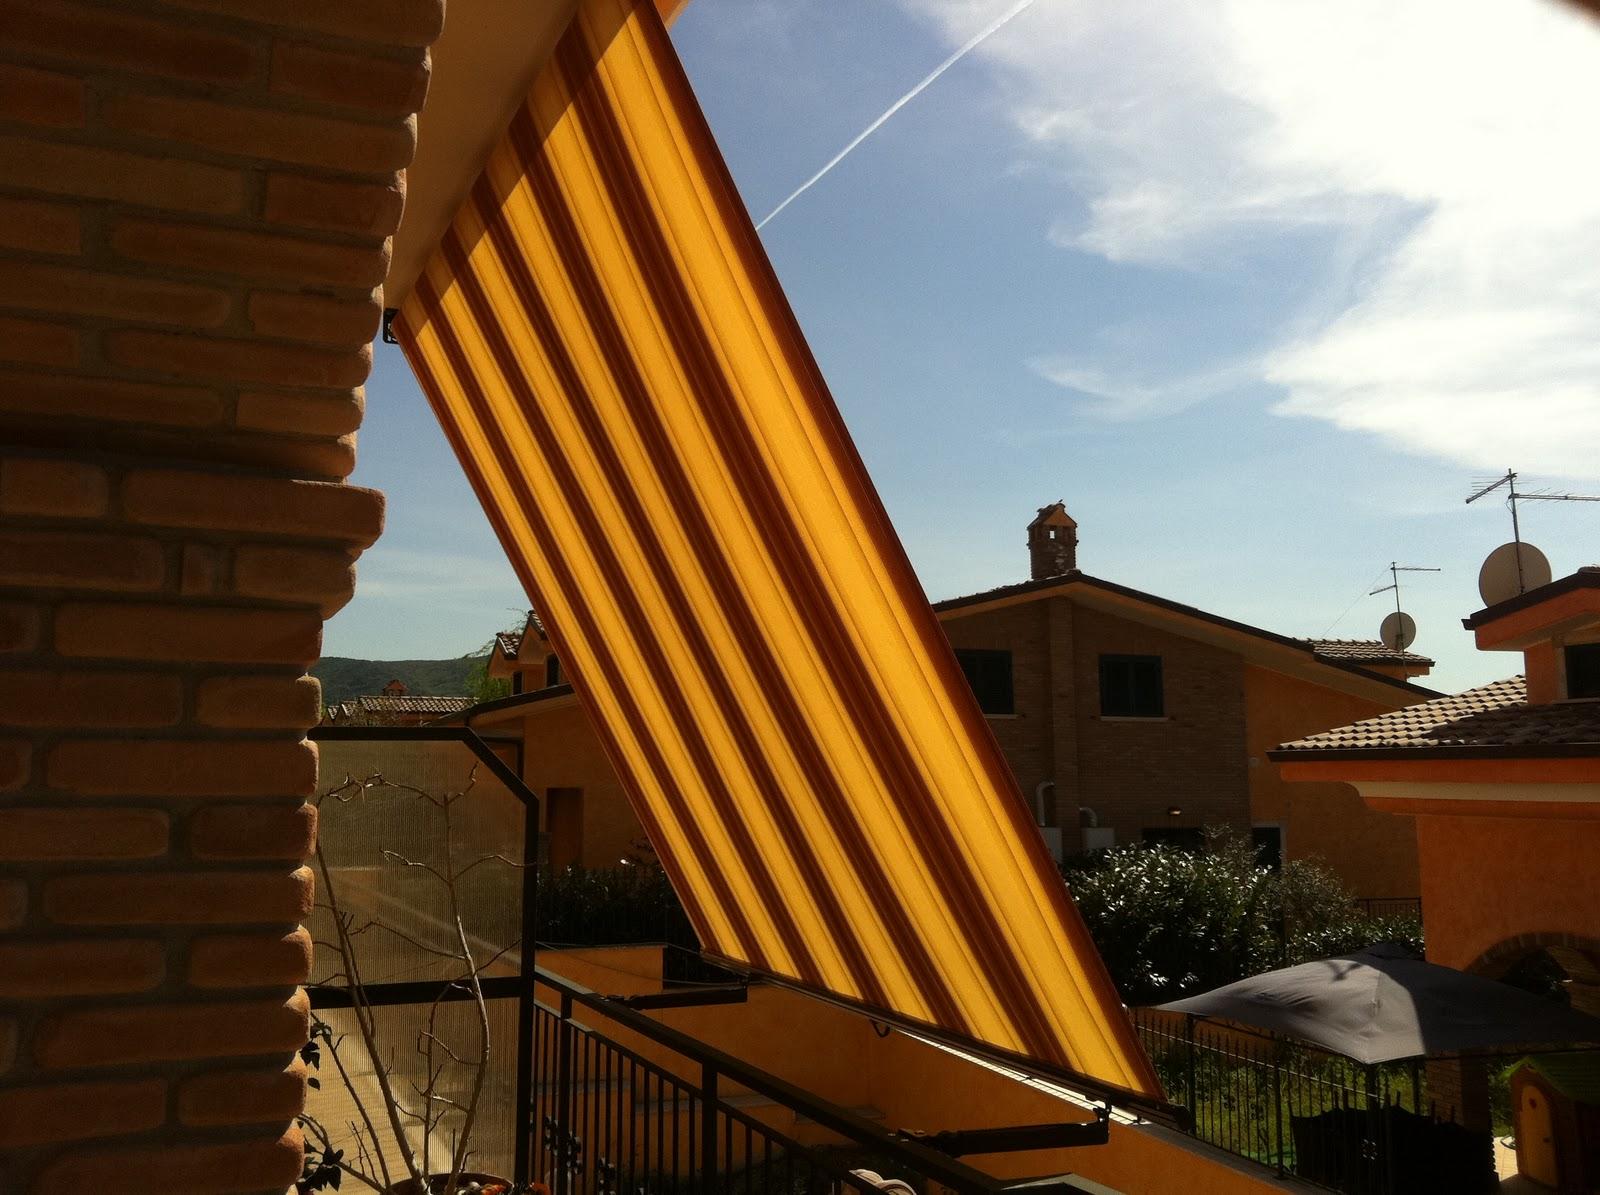 Tendedasole tappezzeria tivoli roma - Tessuti tende da sole per esterni ...